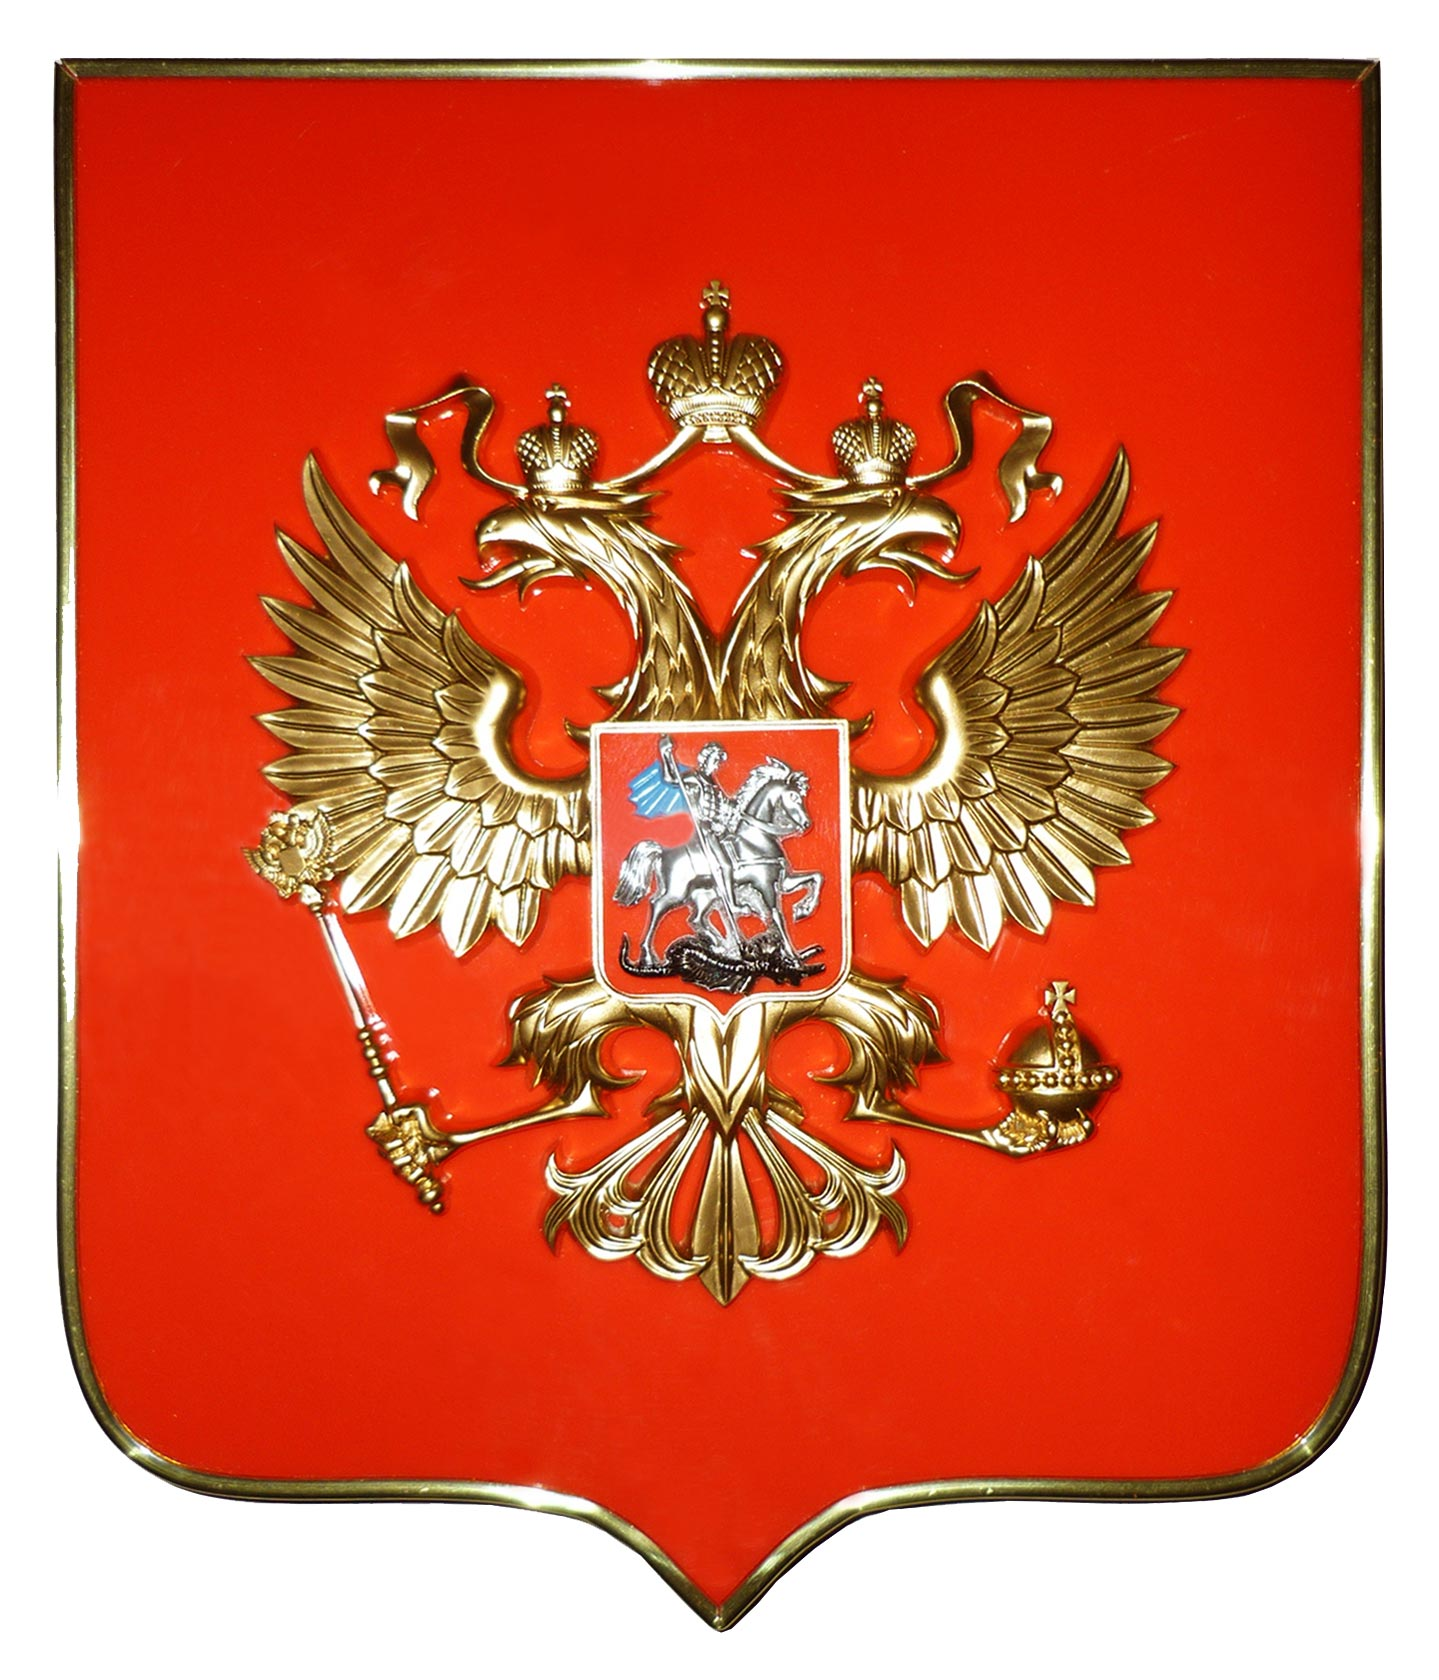 Доклад по теме герб россии 3375